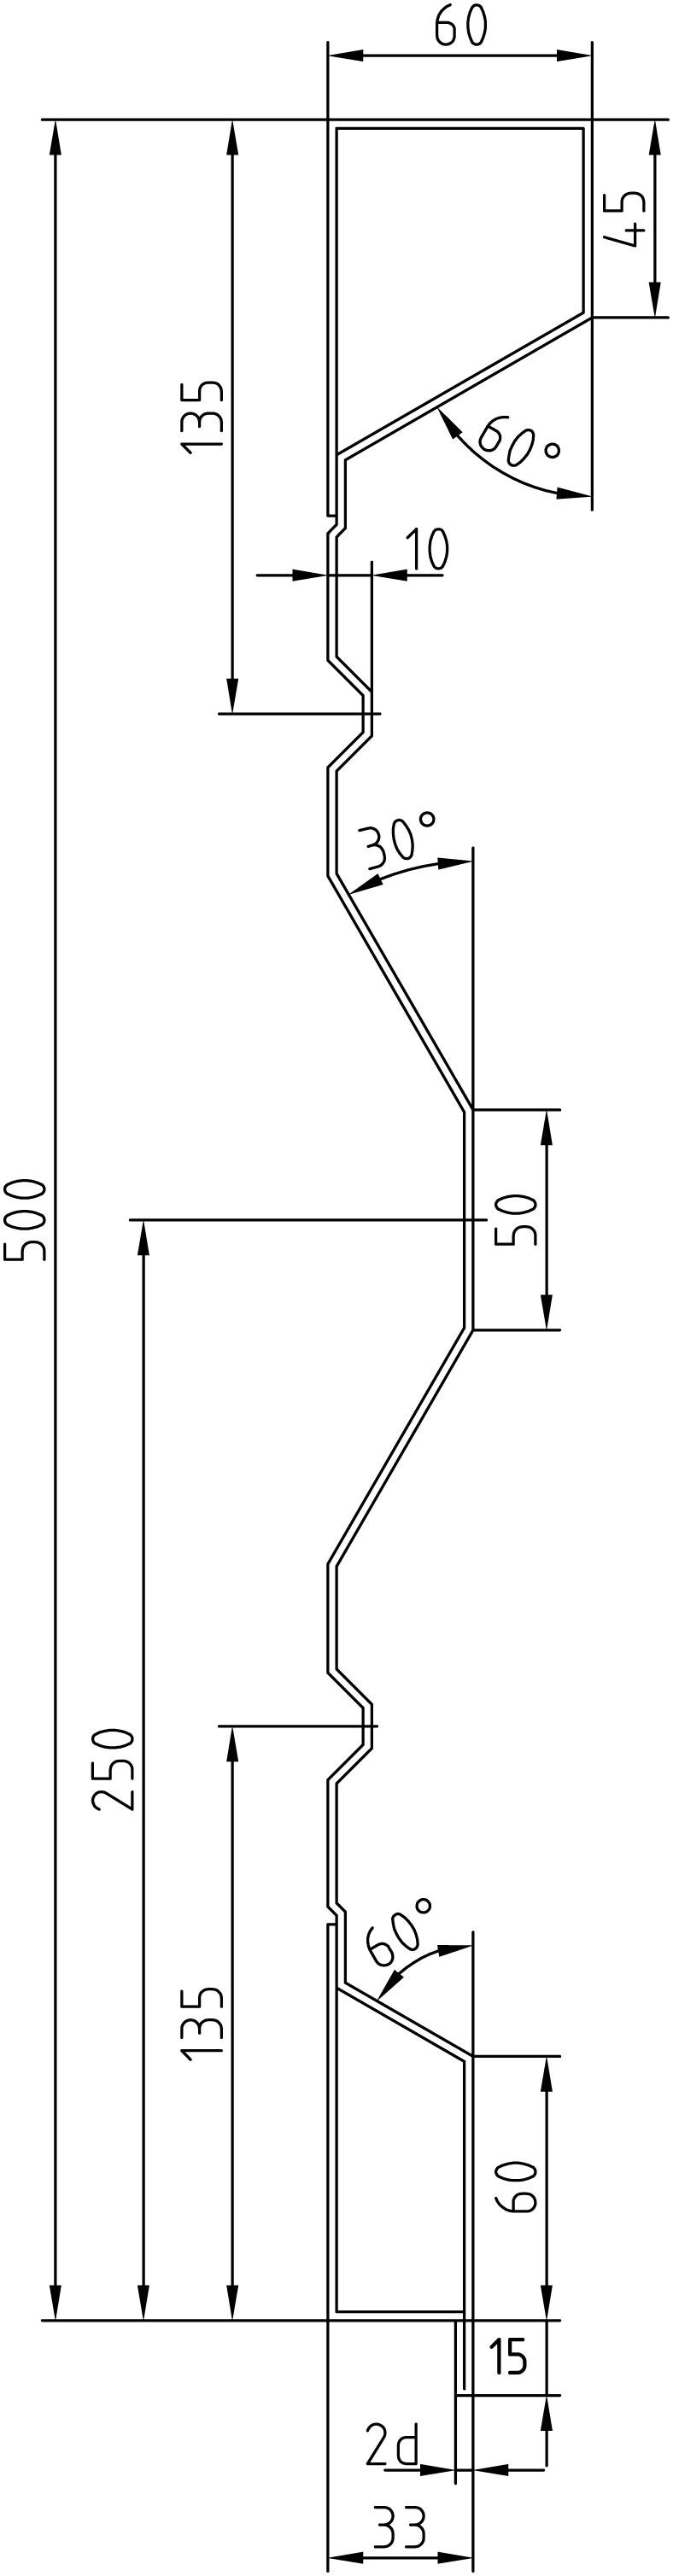 Brantner Kipper und Anhänger - 500x2x5035 BW samt EL ohne PW- Bolzen